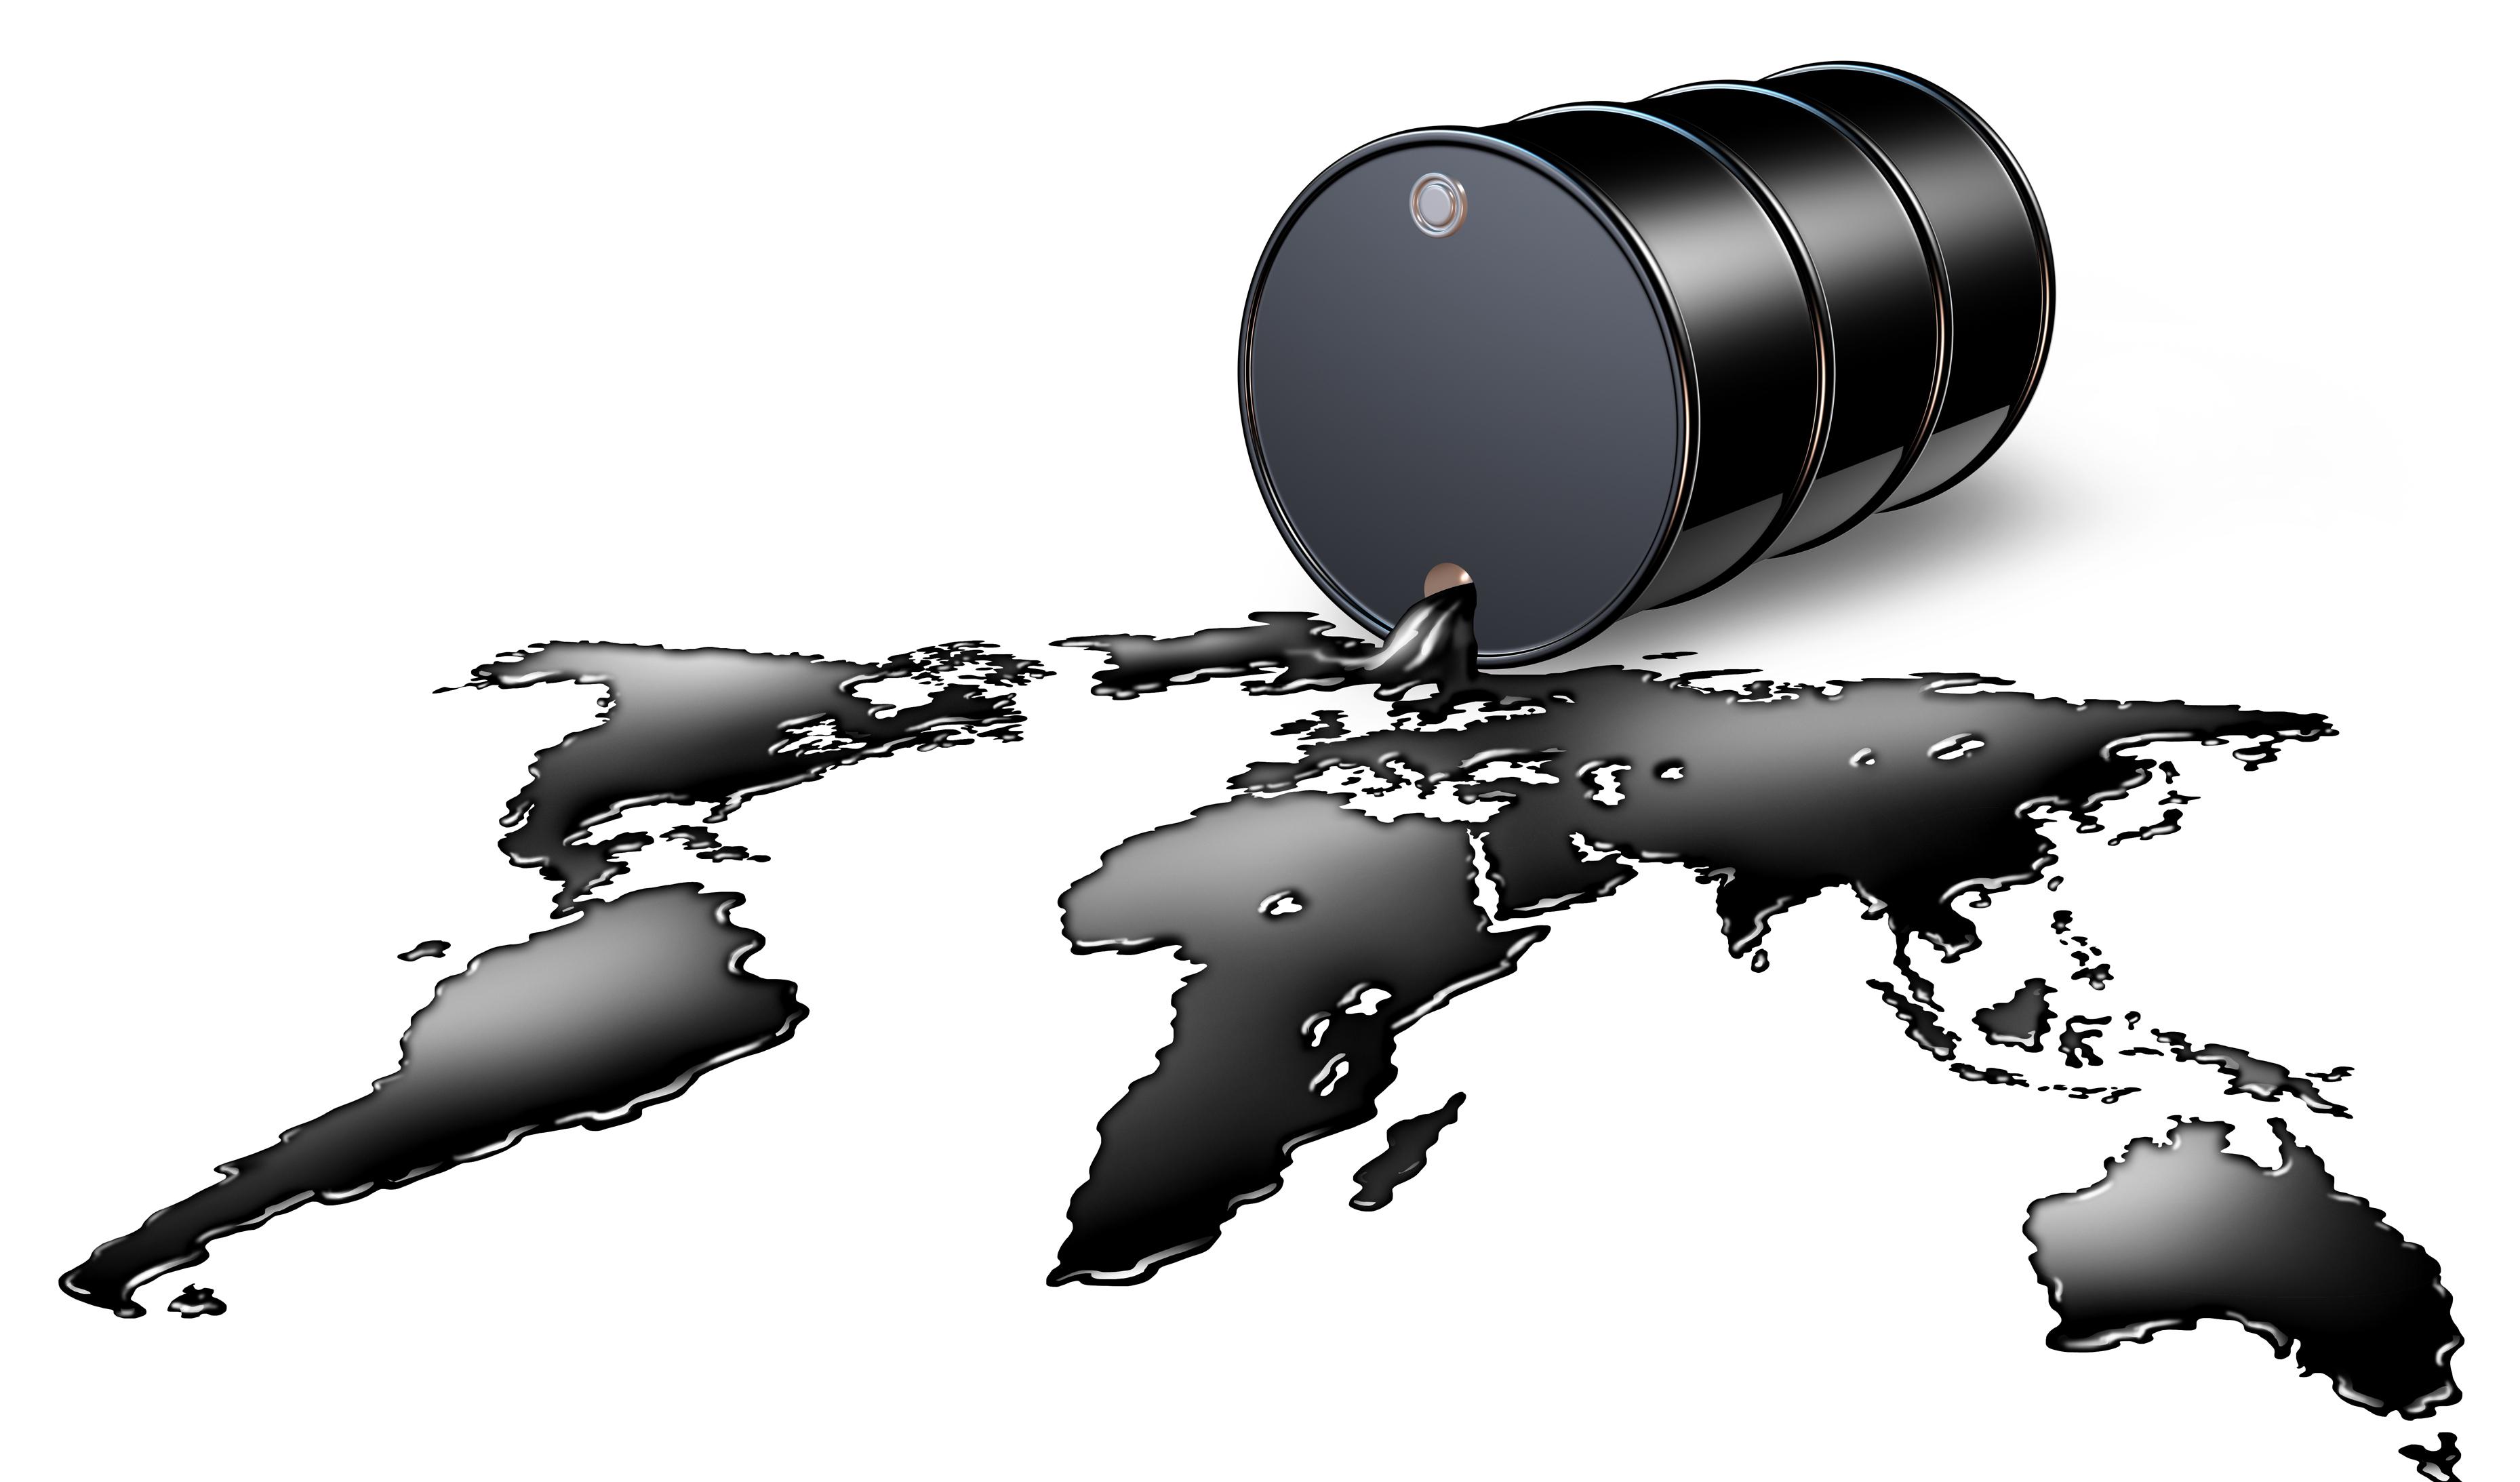 تدوام روند افزایشی قیمت جهانی نفت در پی تحریمهای ایران و ونزوئلا